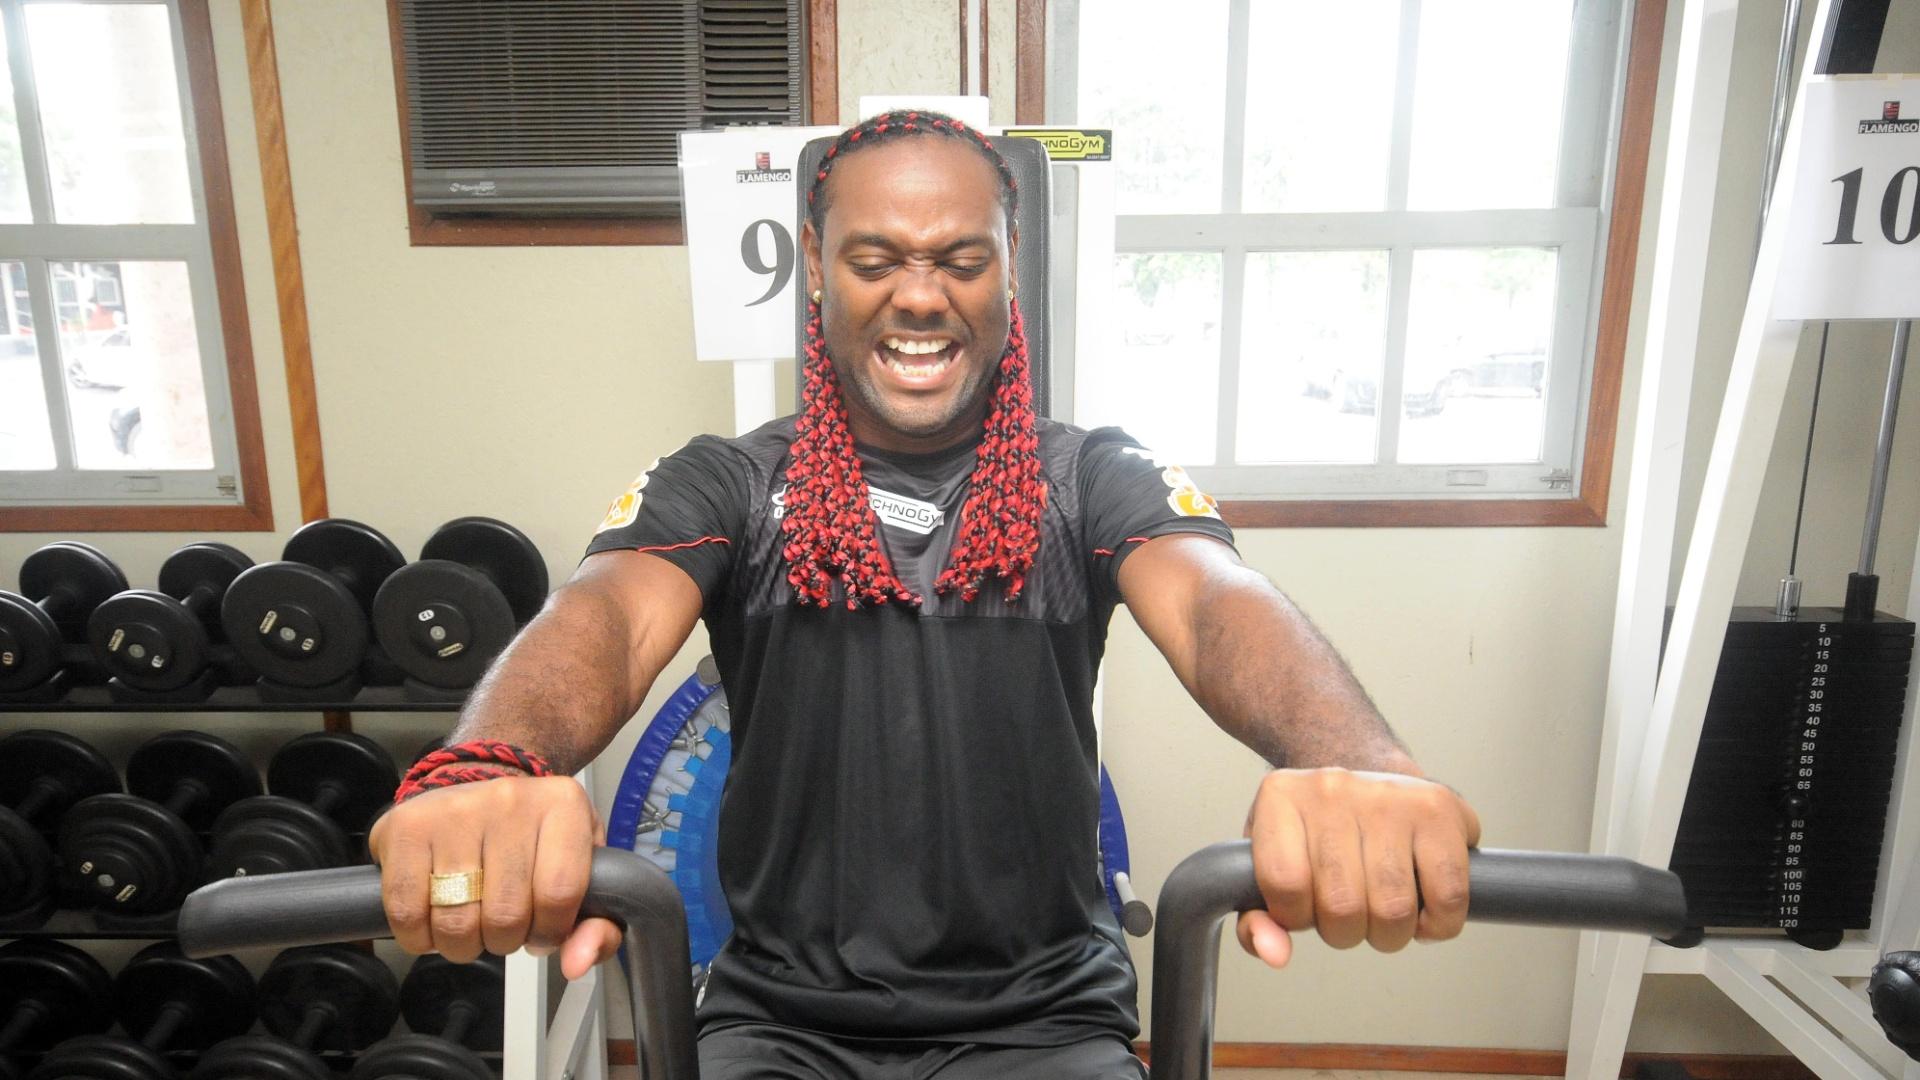 04.jan.2012 - Vagner Love faz careta durante treino físico do Flamengo na academia do clube